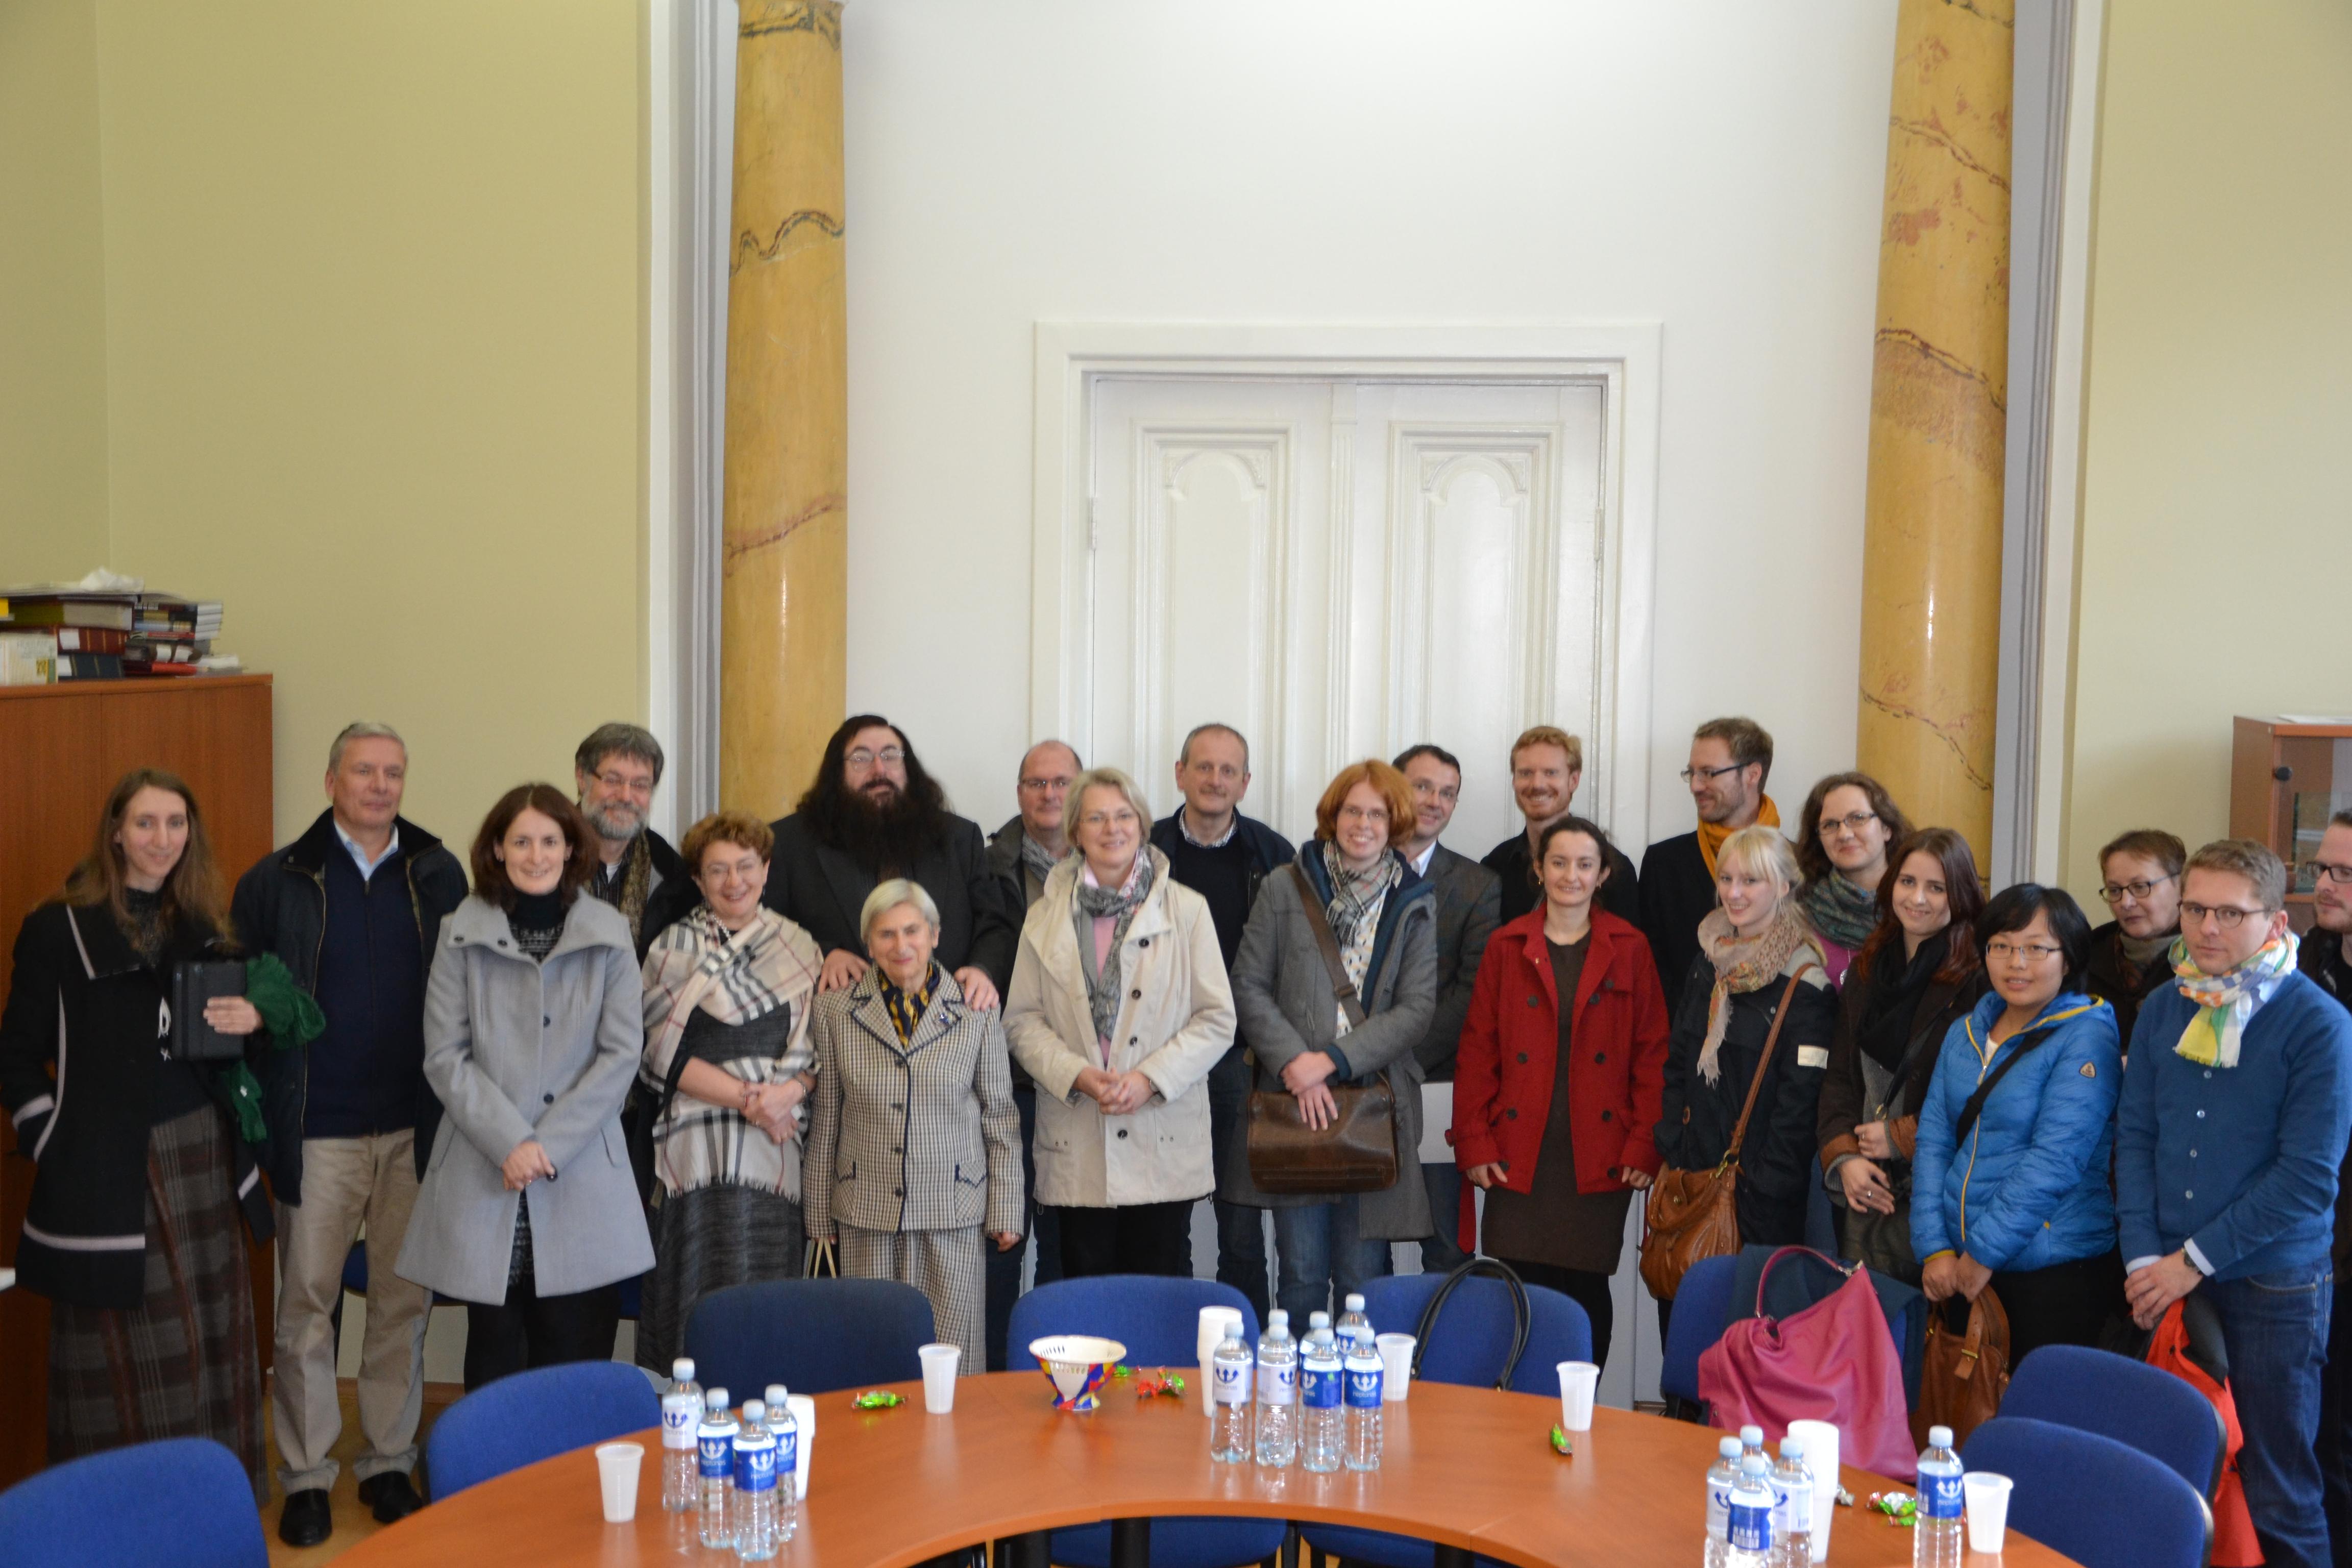 Bendruomenėje – svečiai iš Vokietijos